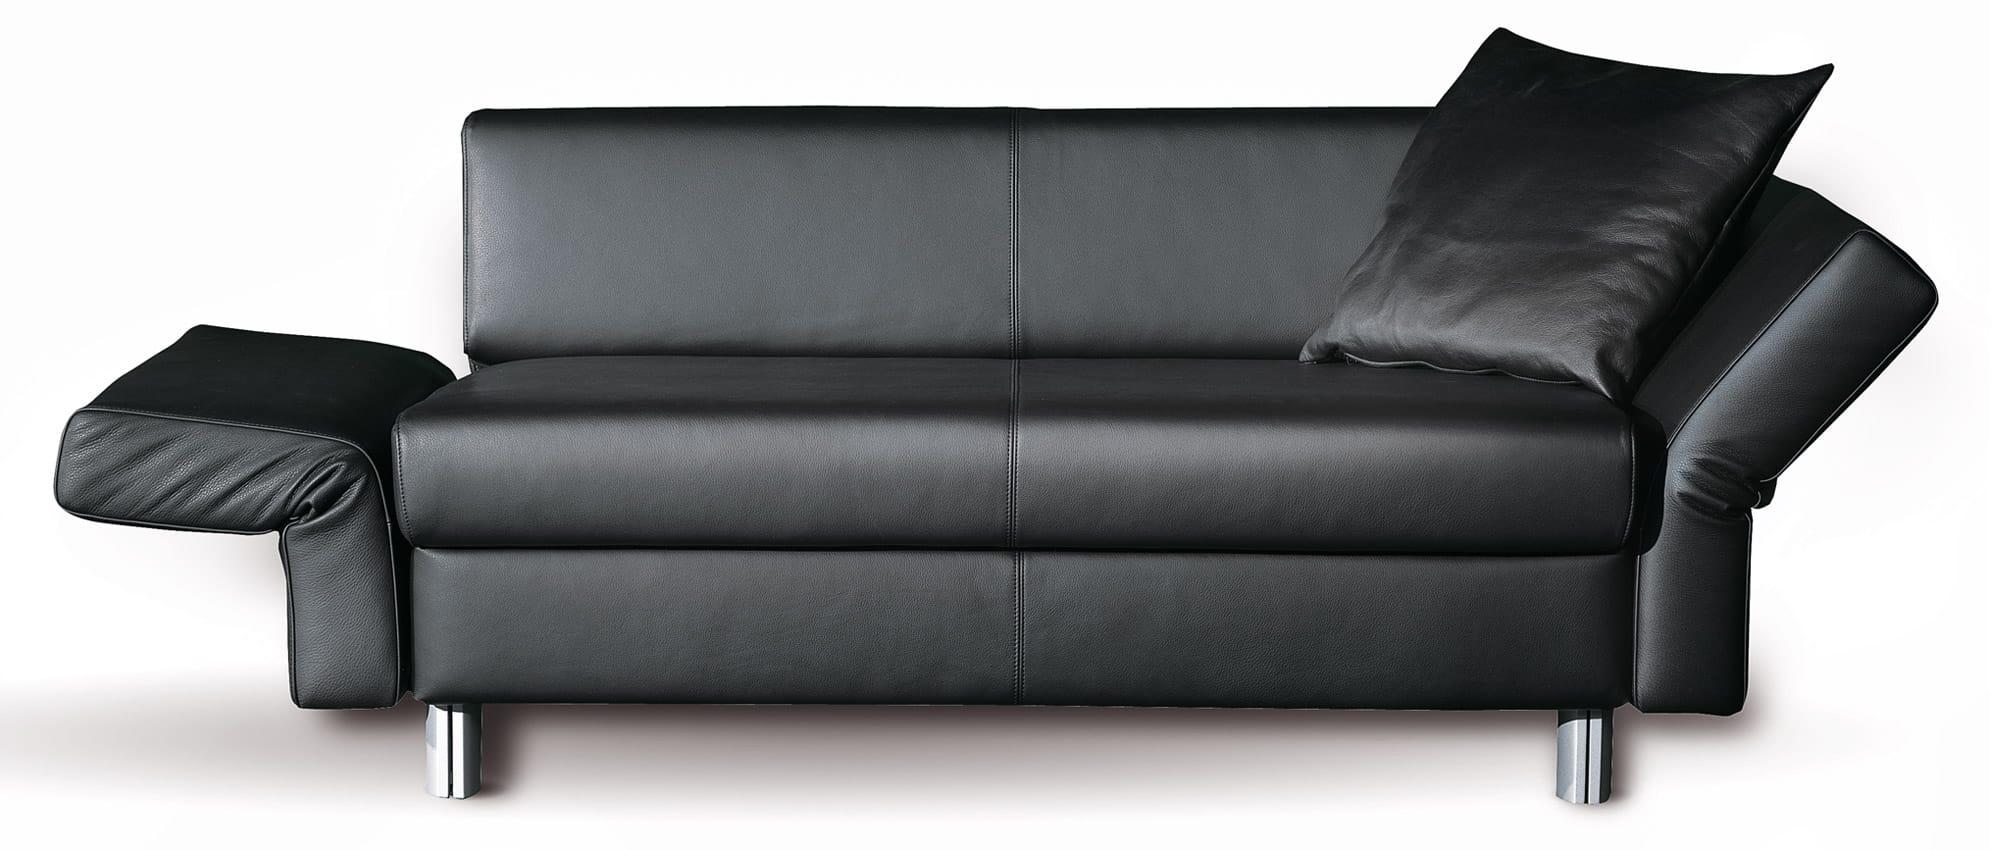 Schlafsofa VIP in Echtleder von Franz Fertig mit klappbaren Armlehnen. Sofa mit Gästebettfunktion. Schlafsofa in Leder.